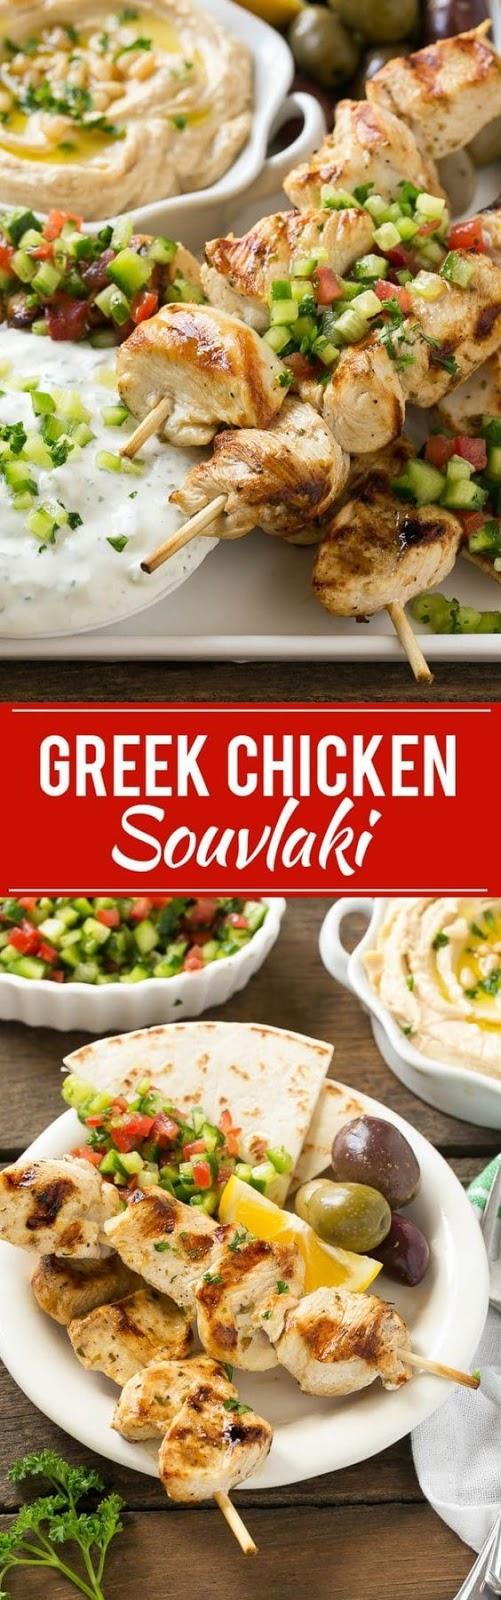 Greek Chicken Souvlaki Recipe